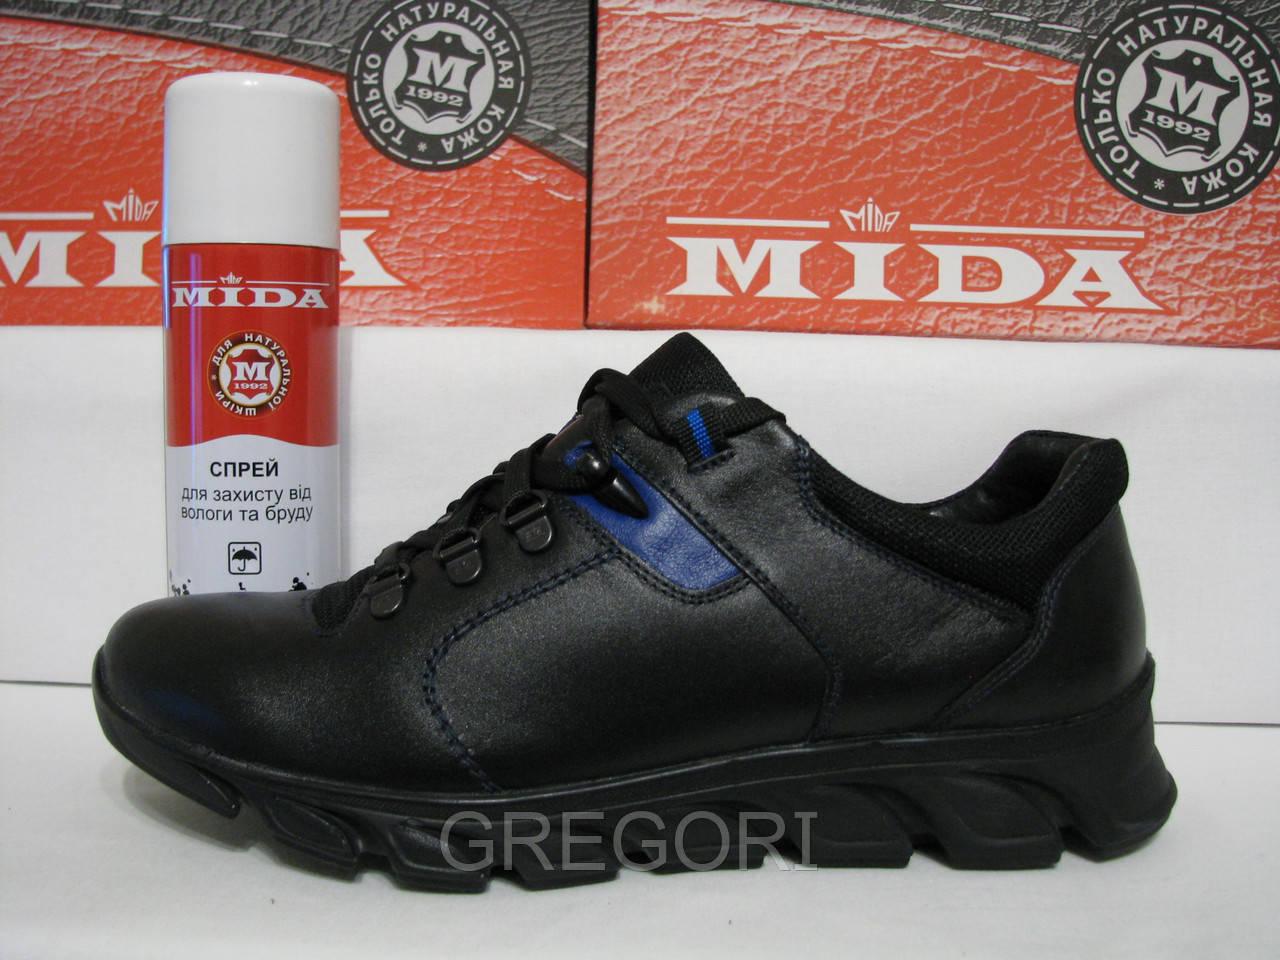 Обувь мужская кожаная Спорт Mида - GREGORI shoes в Киевской области